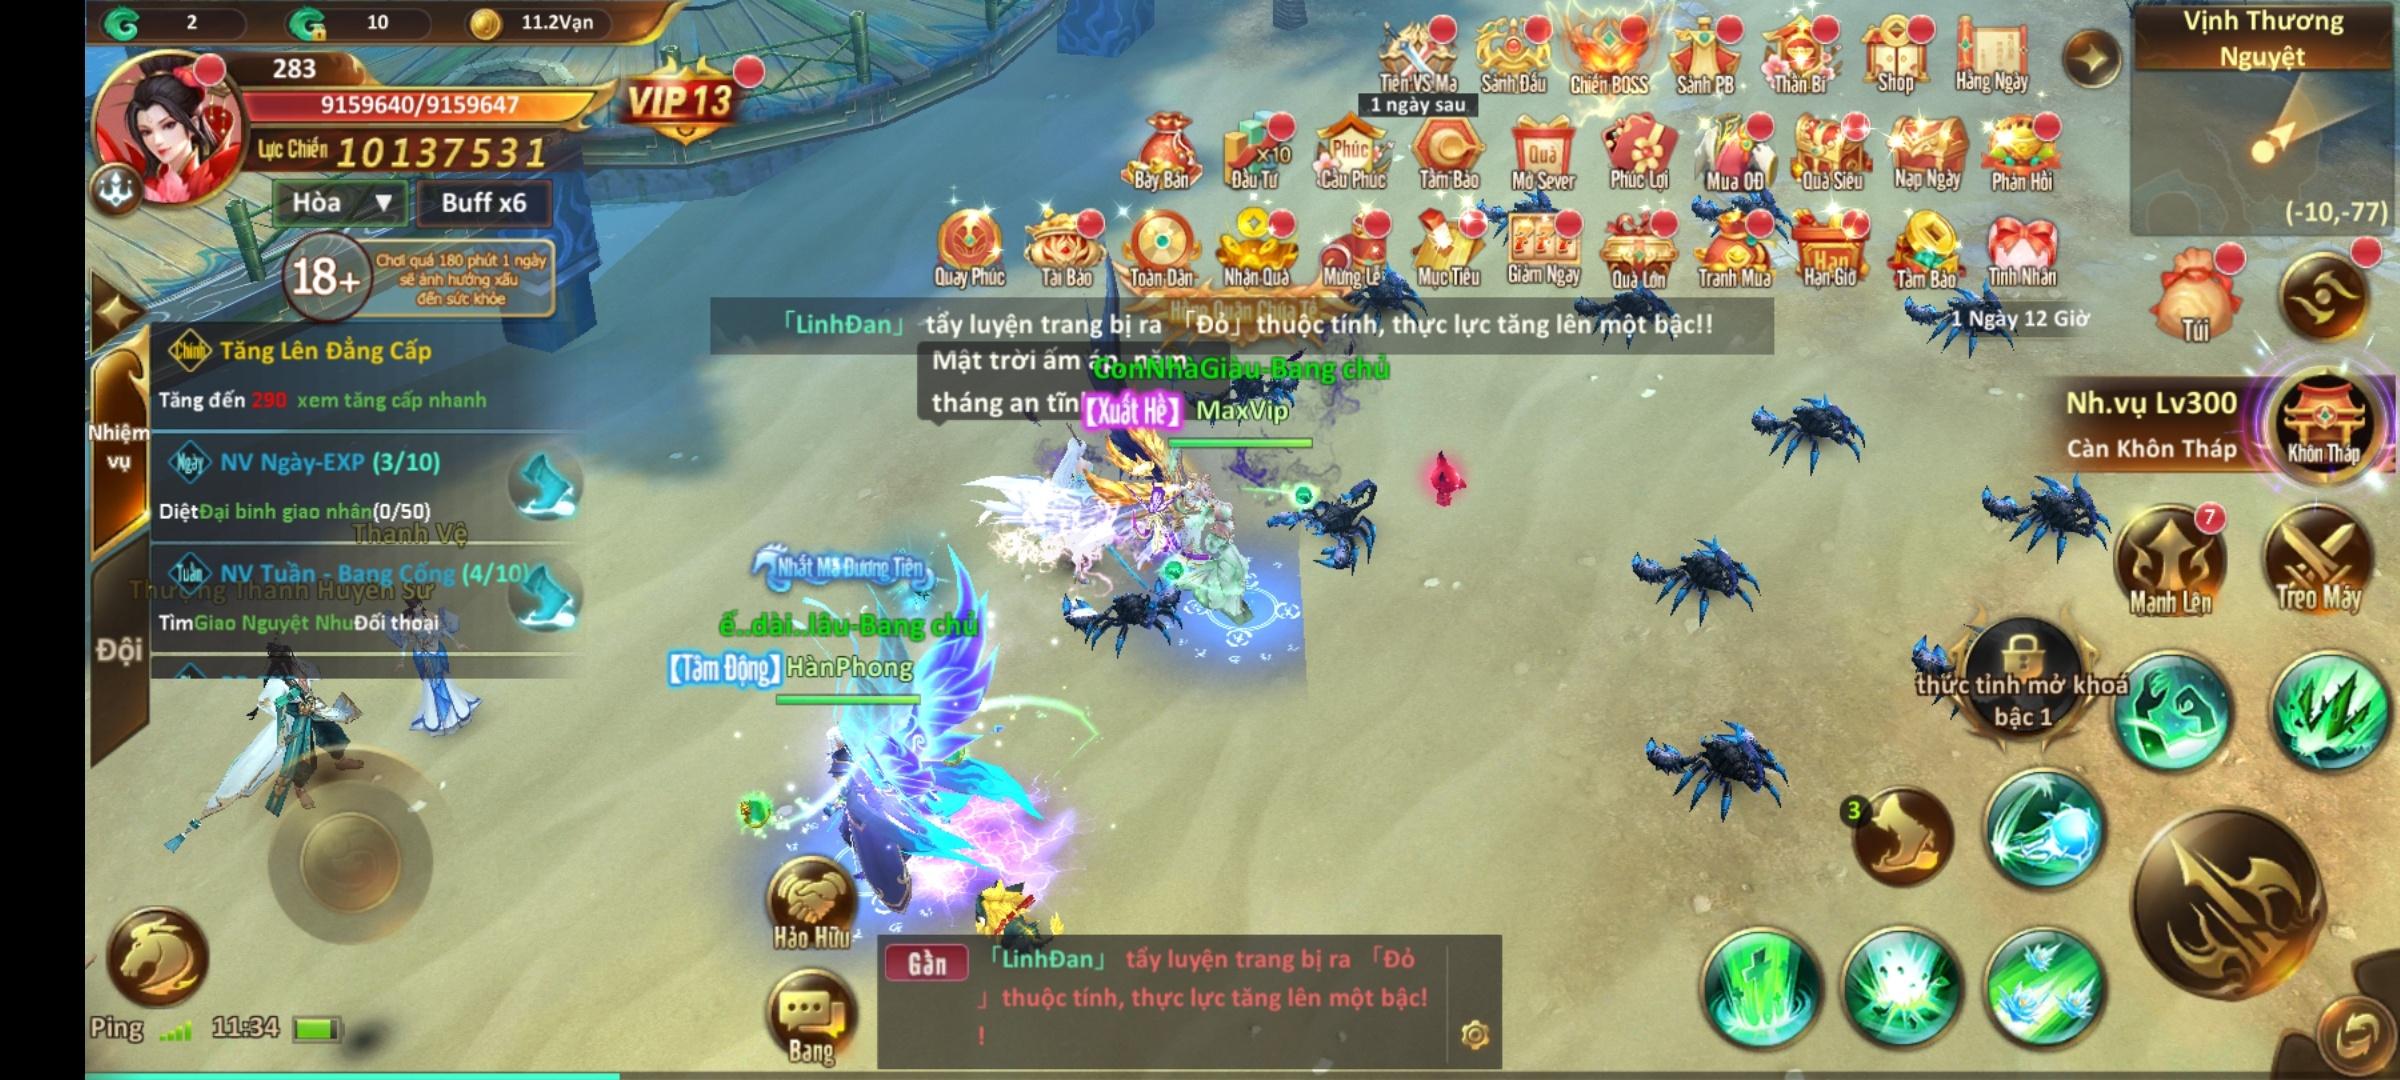 Tam Sinh Kiếp Mobile: Game kết hợp hai chất liệu kiếm hiệp và tiên hiệp